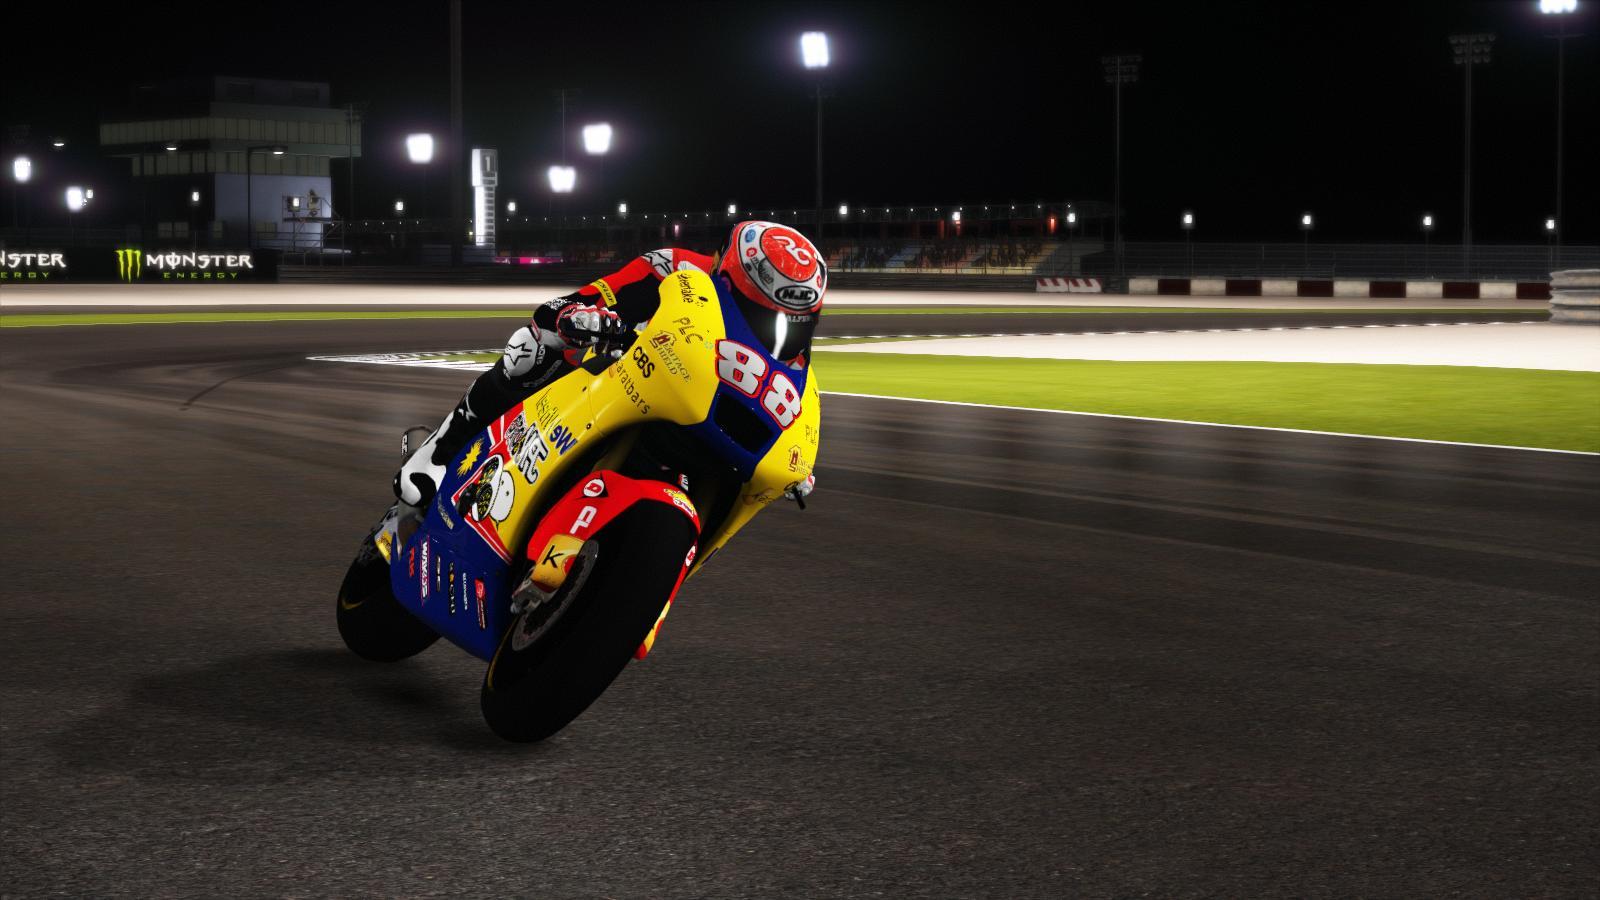 MotoGP15X64 2016-03-08 14-07-28-64.jpg